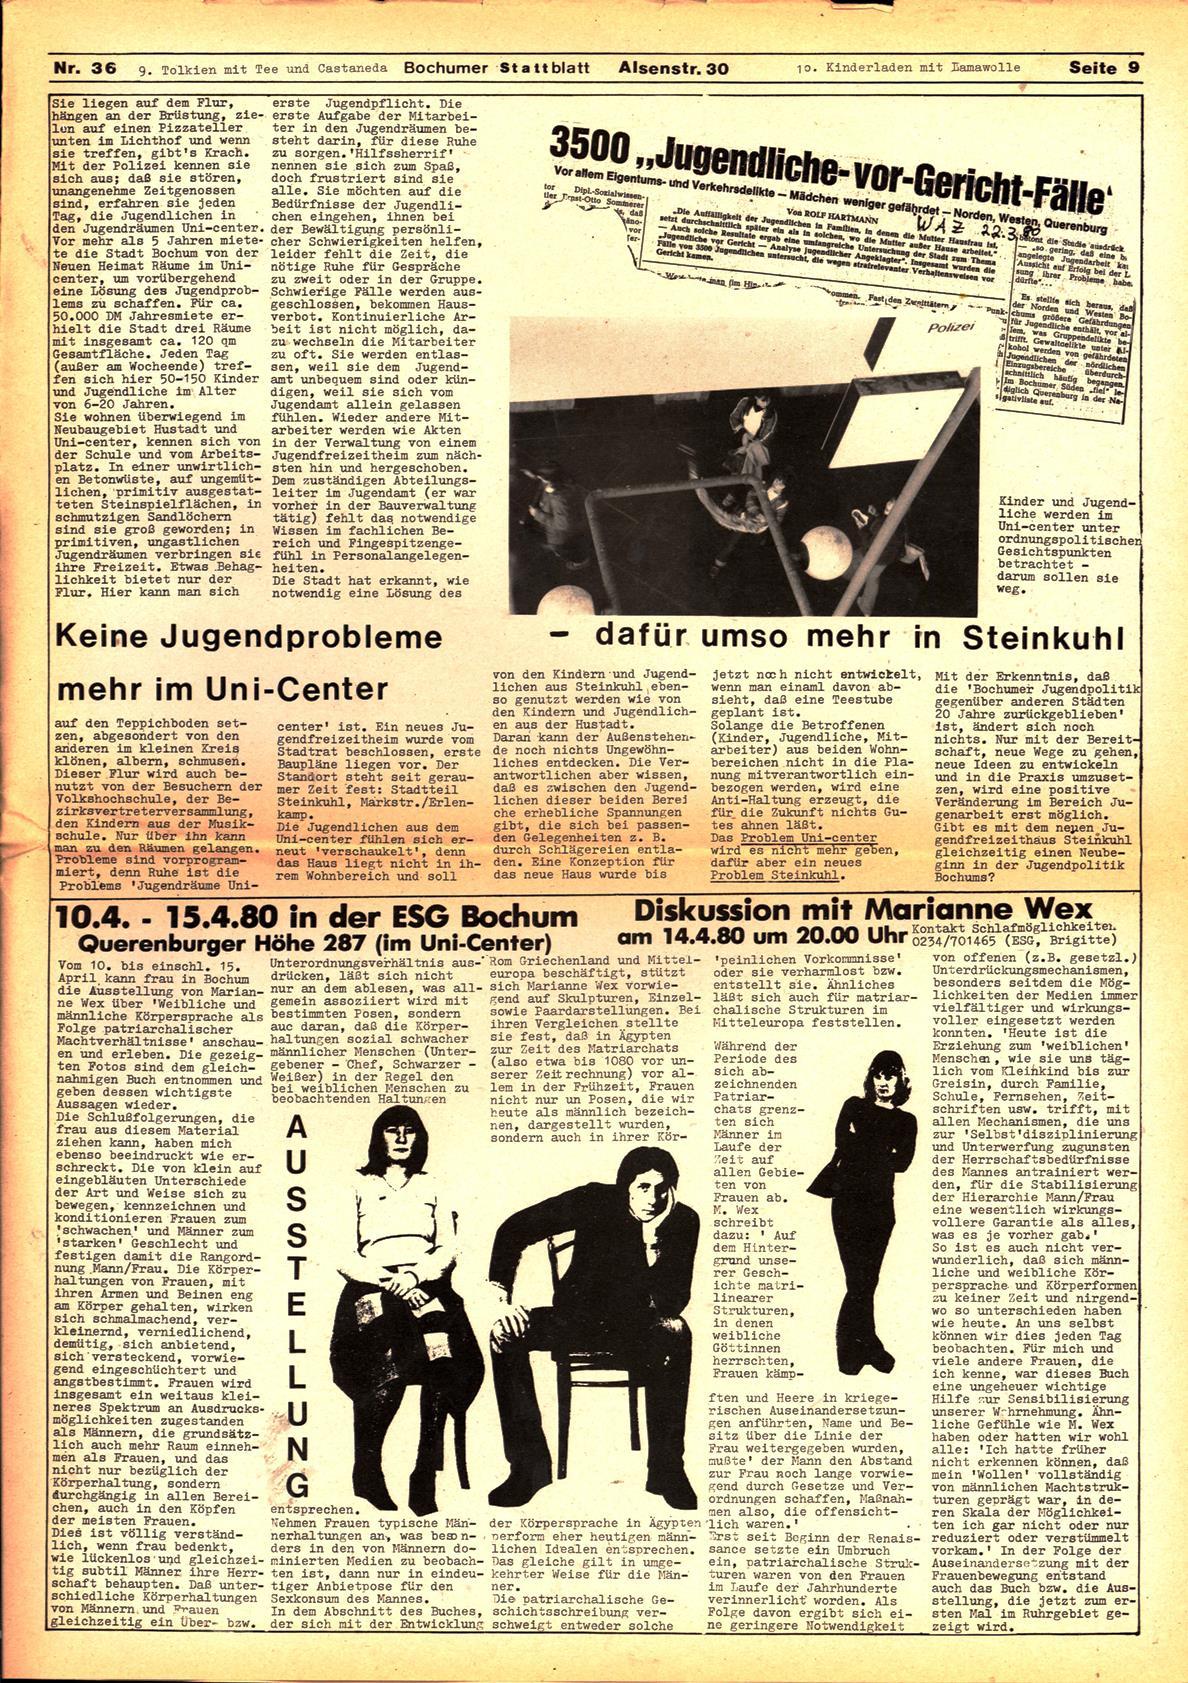 Bochum_Stattblatt_19800400_36_09